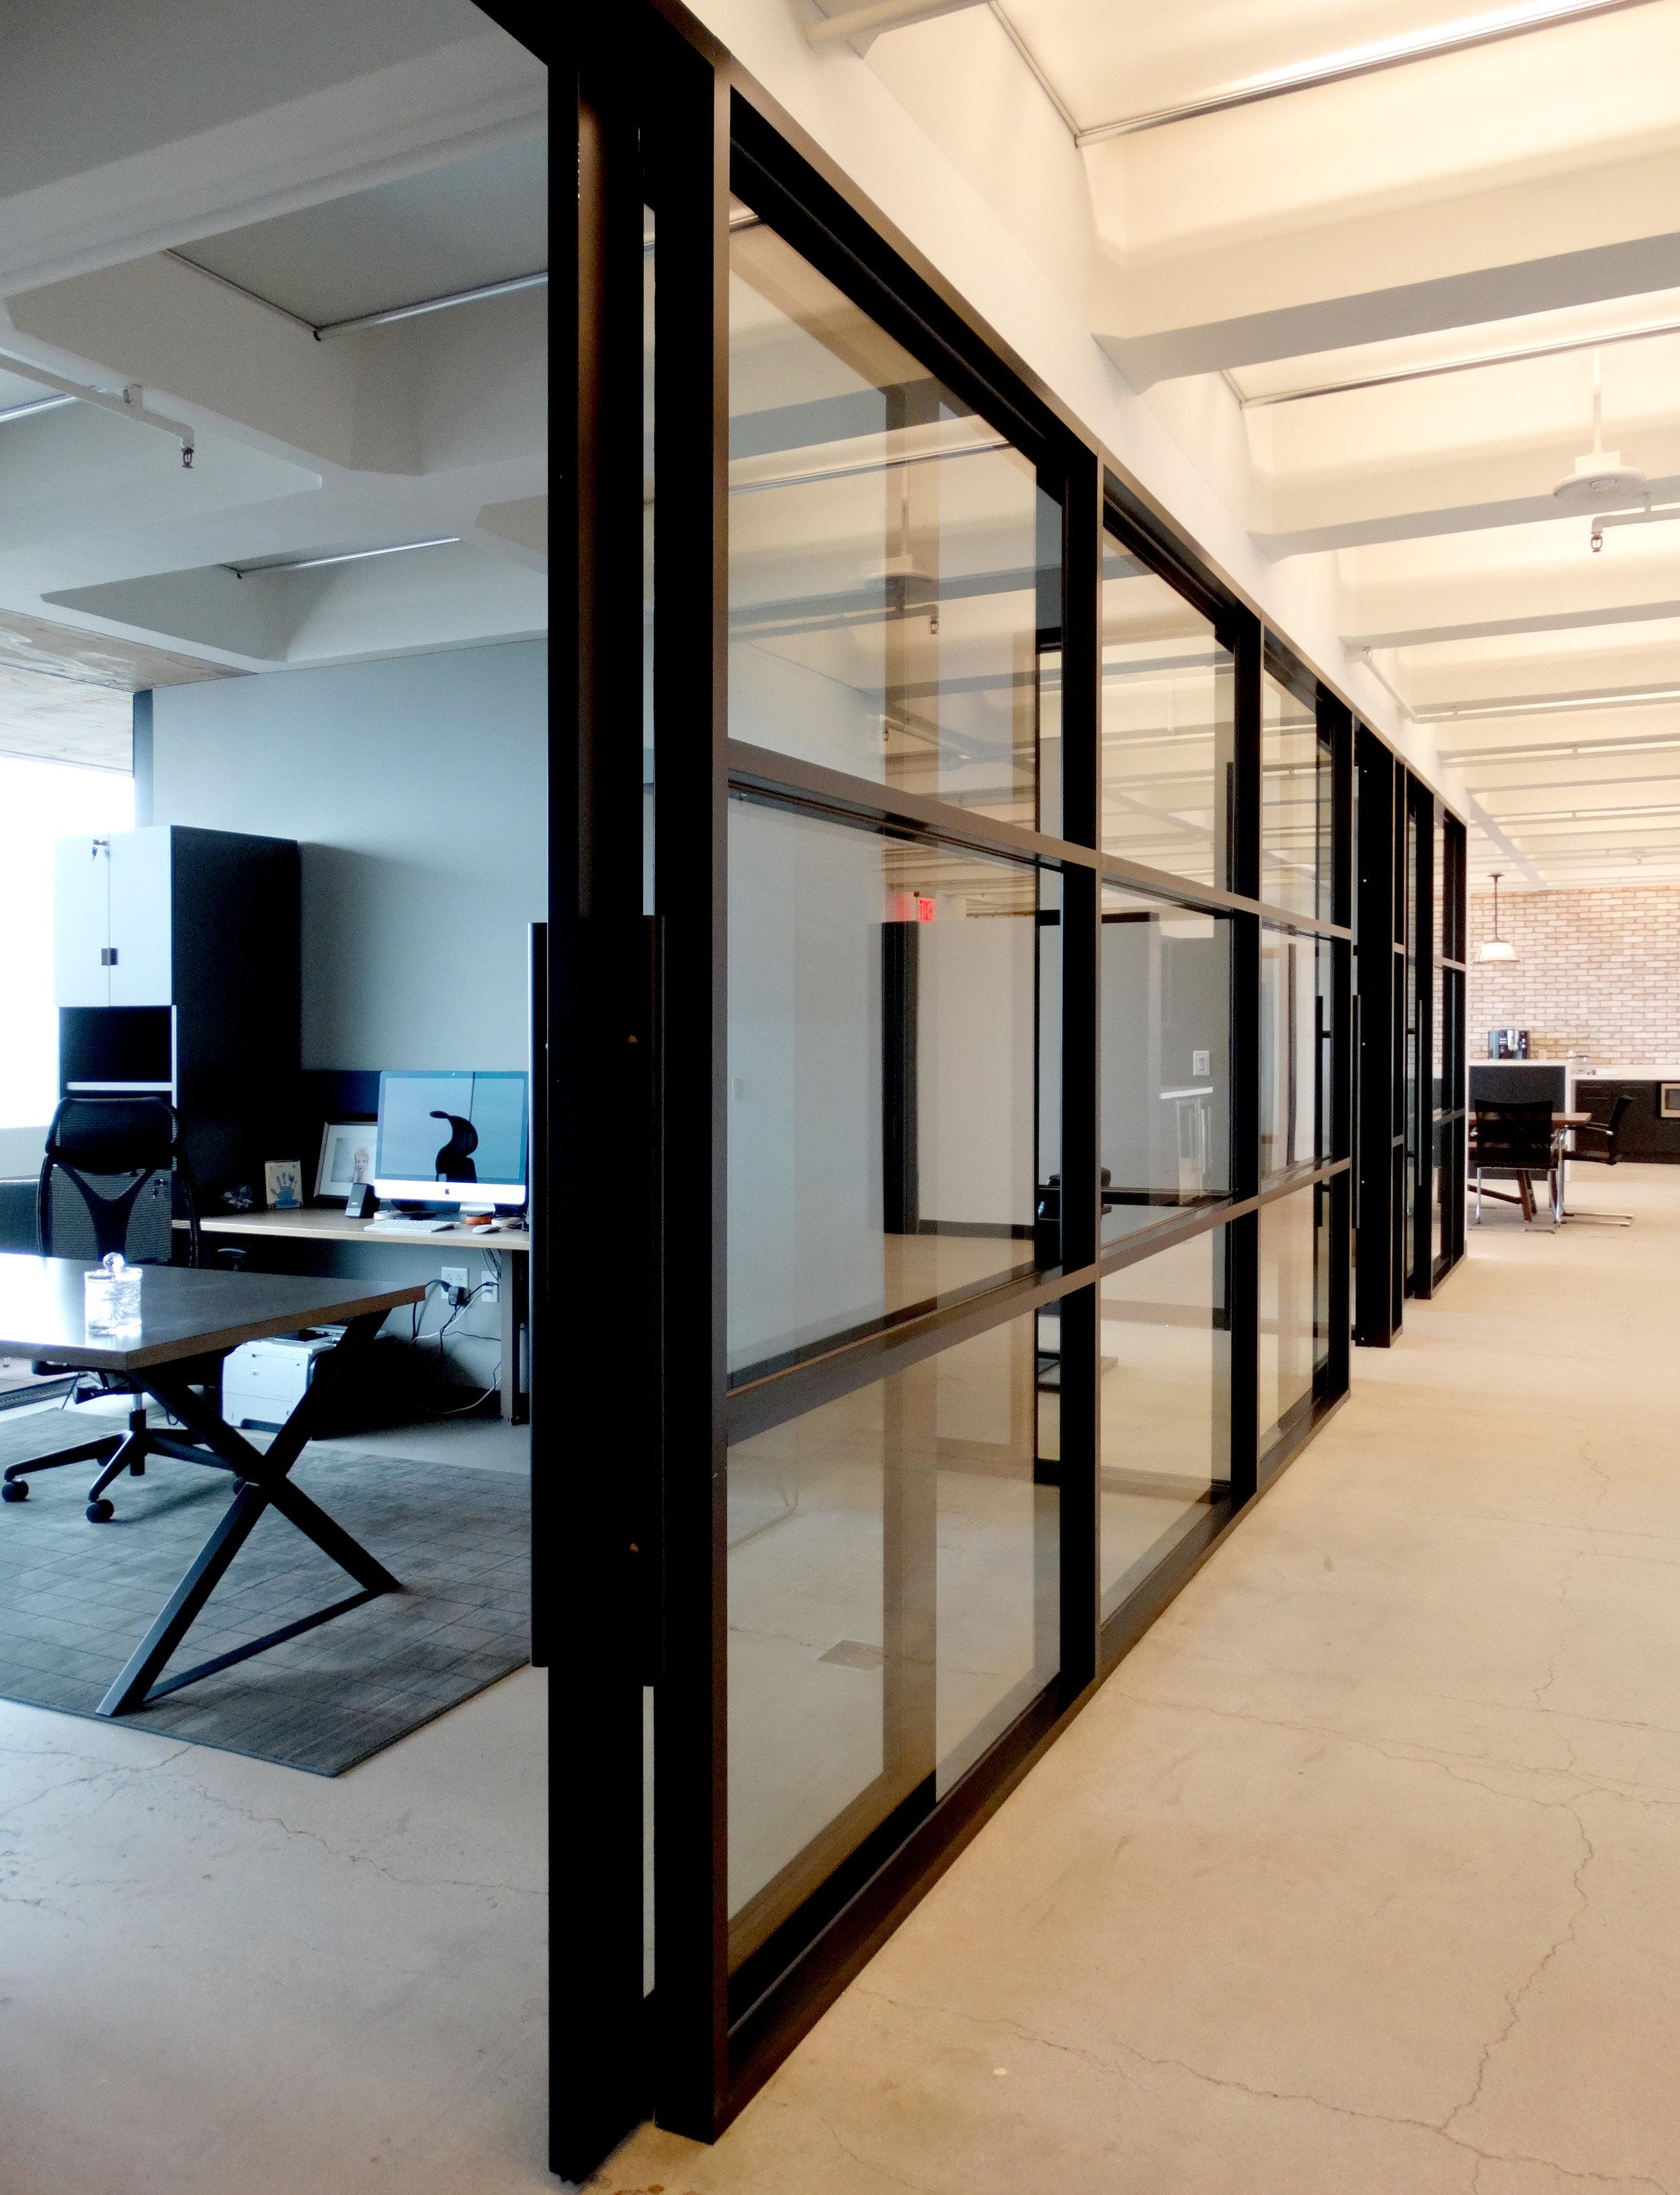 Encase Black Aluminum Framed Mullion Wall Sliding Door - Spaceworks AI.JPG